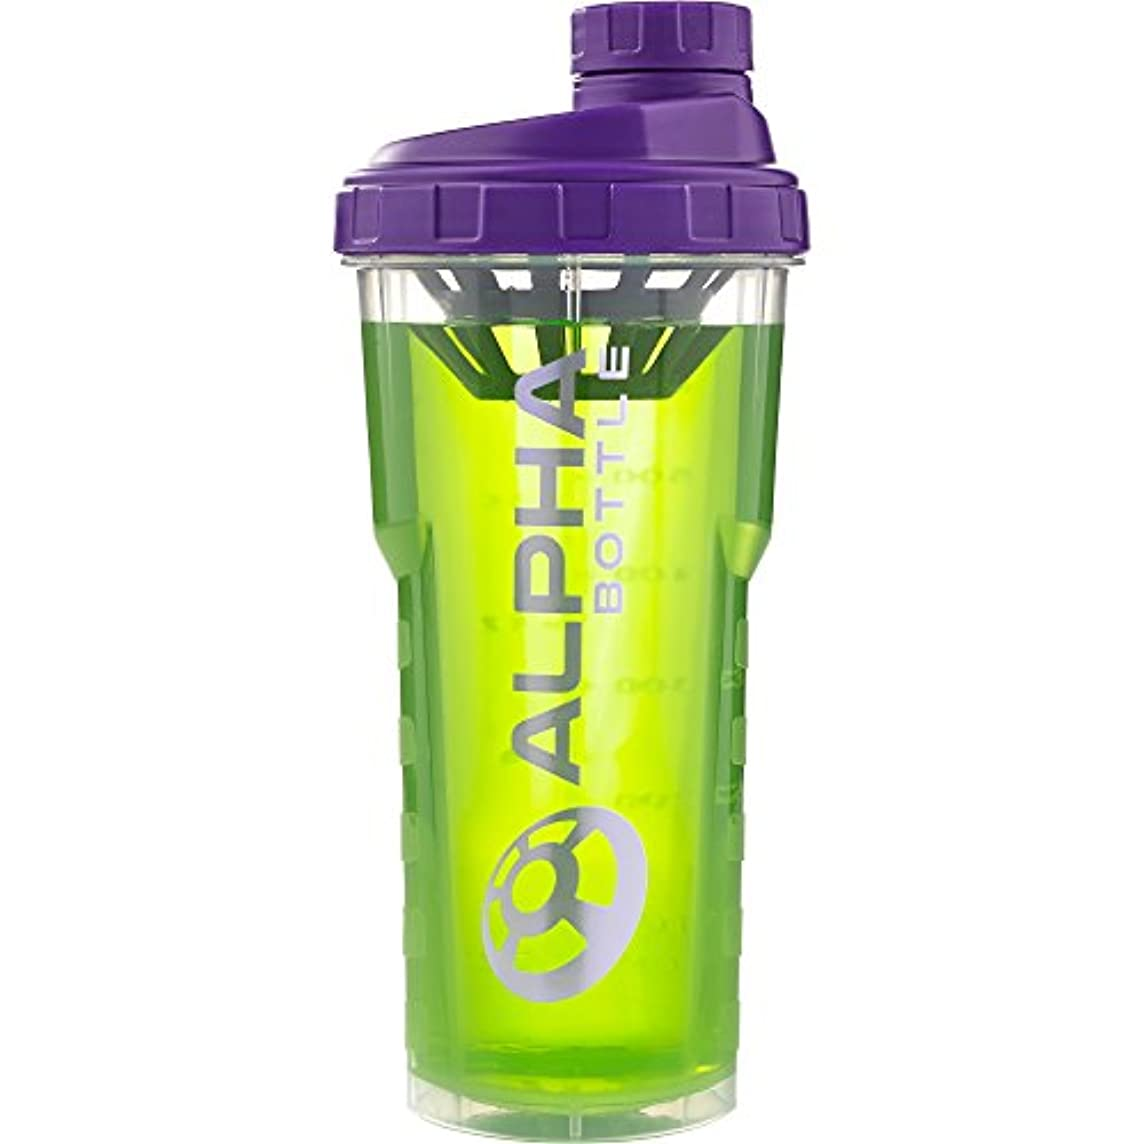 プロポーショナル永遠に助言するアルファボトル 25オンス BPAまたはDEHP不使用プロテインシェイカー-パープル